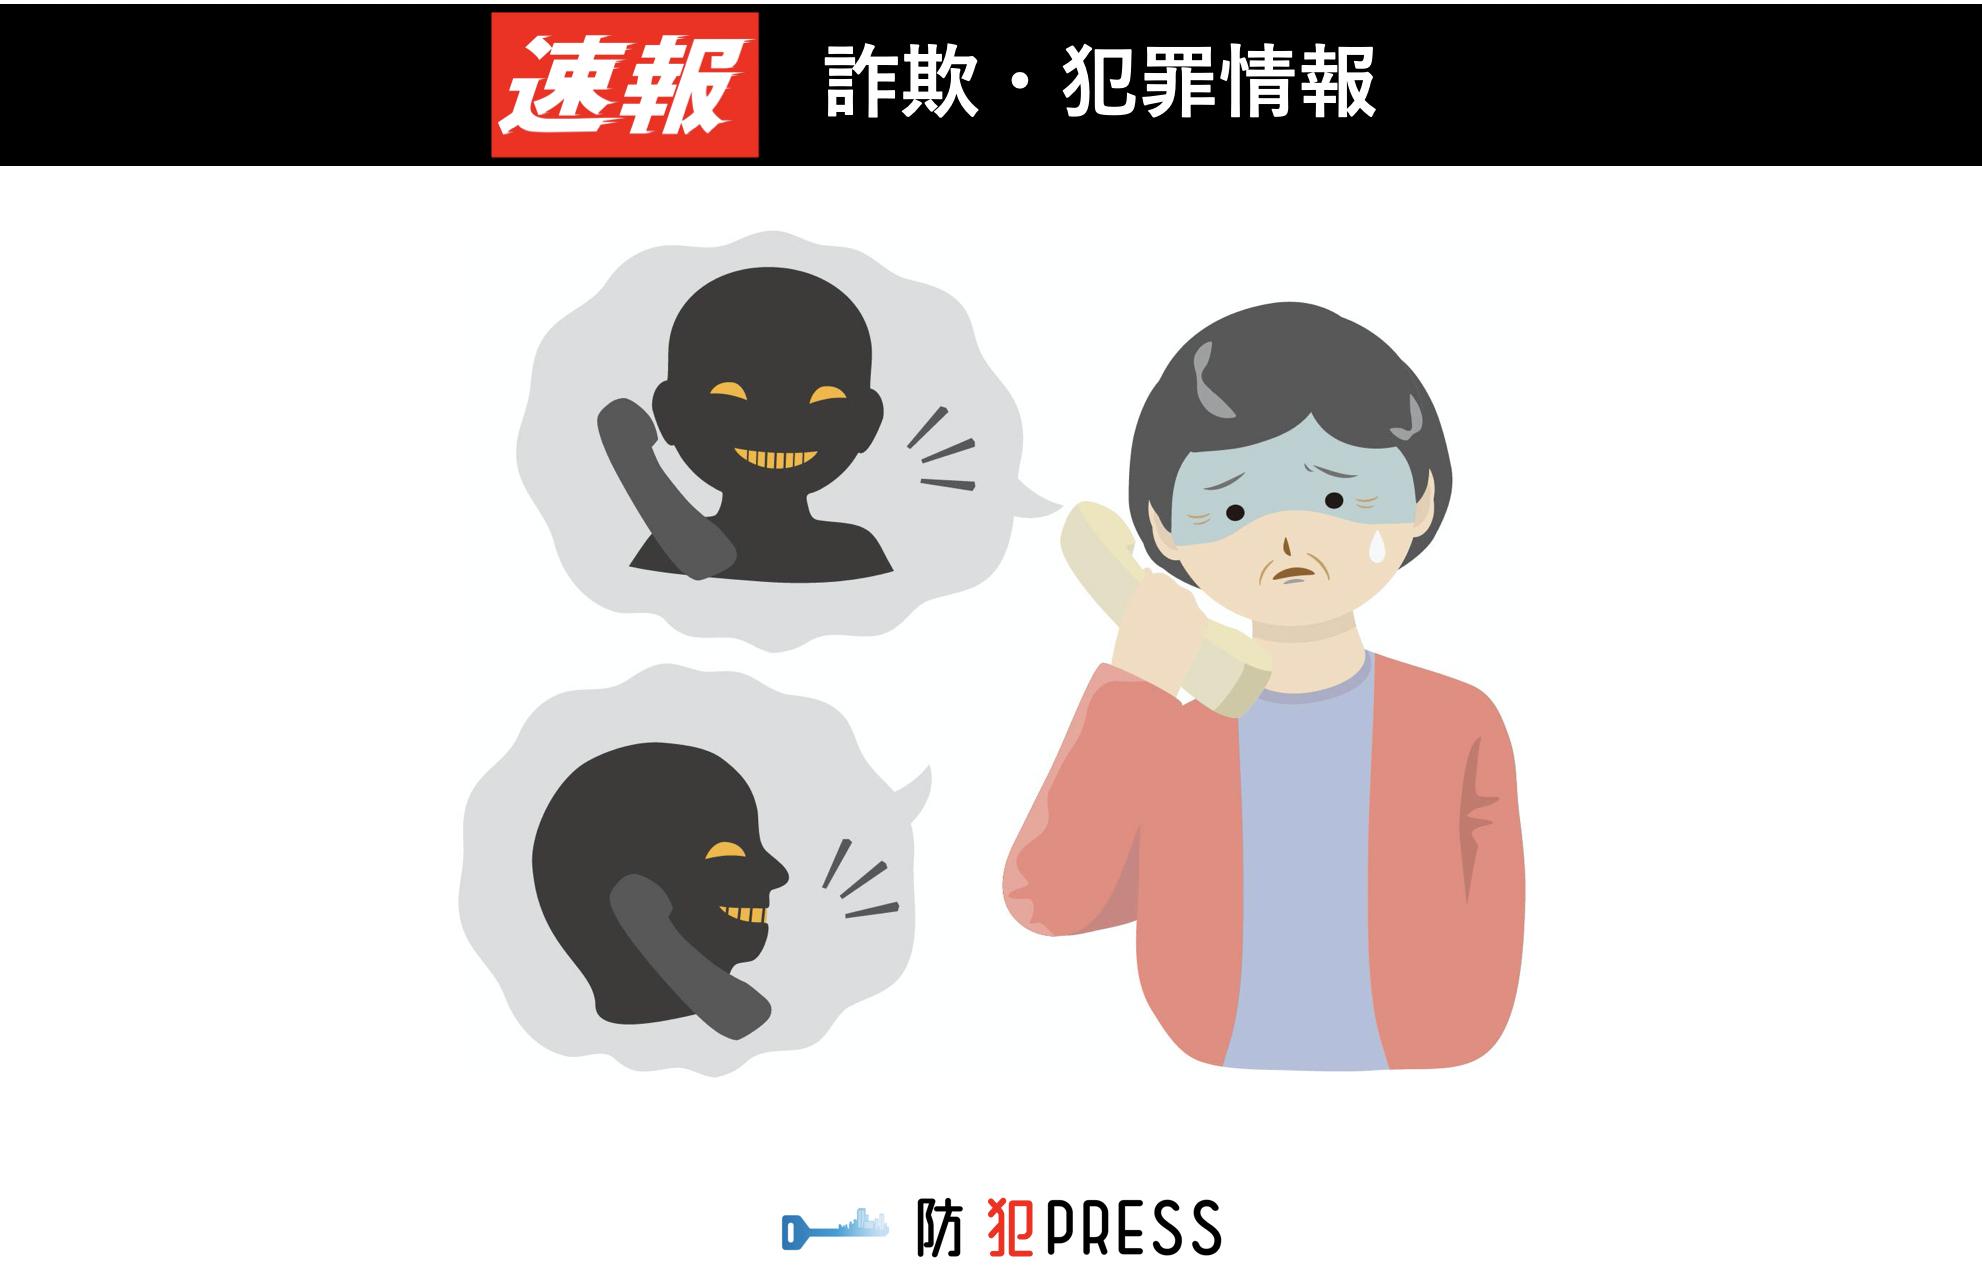 けいたくん防犯情報:ニセ電話多発中